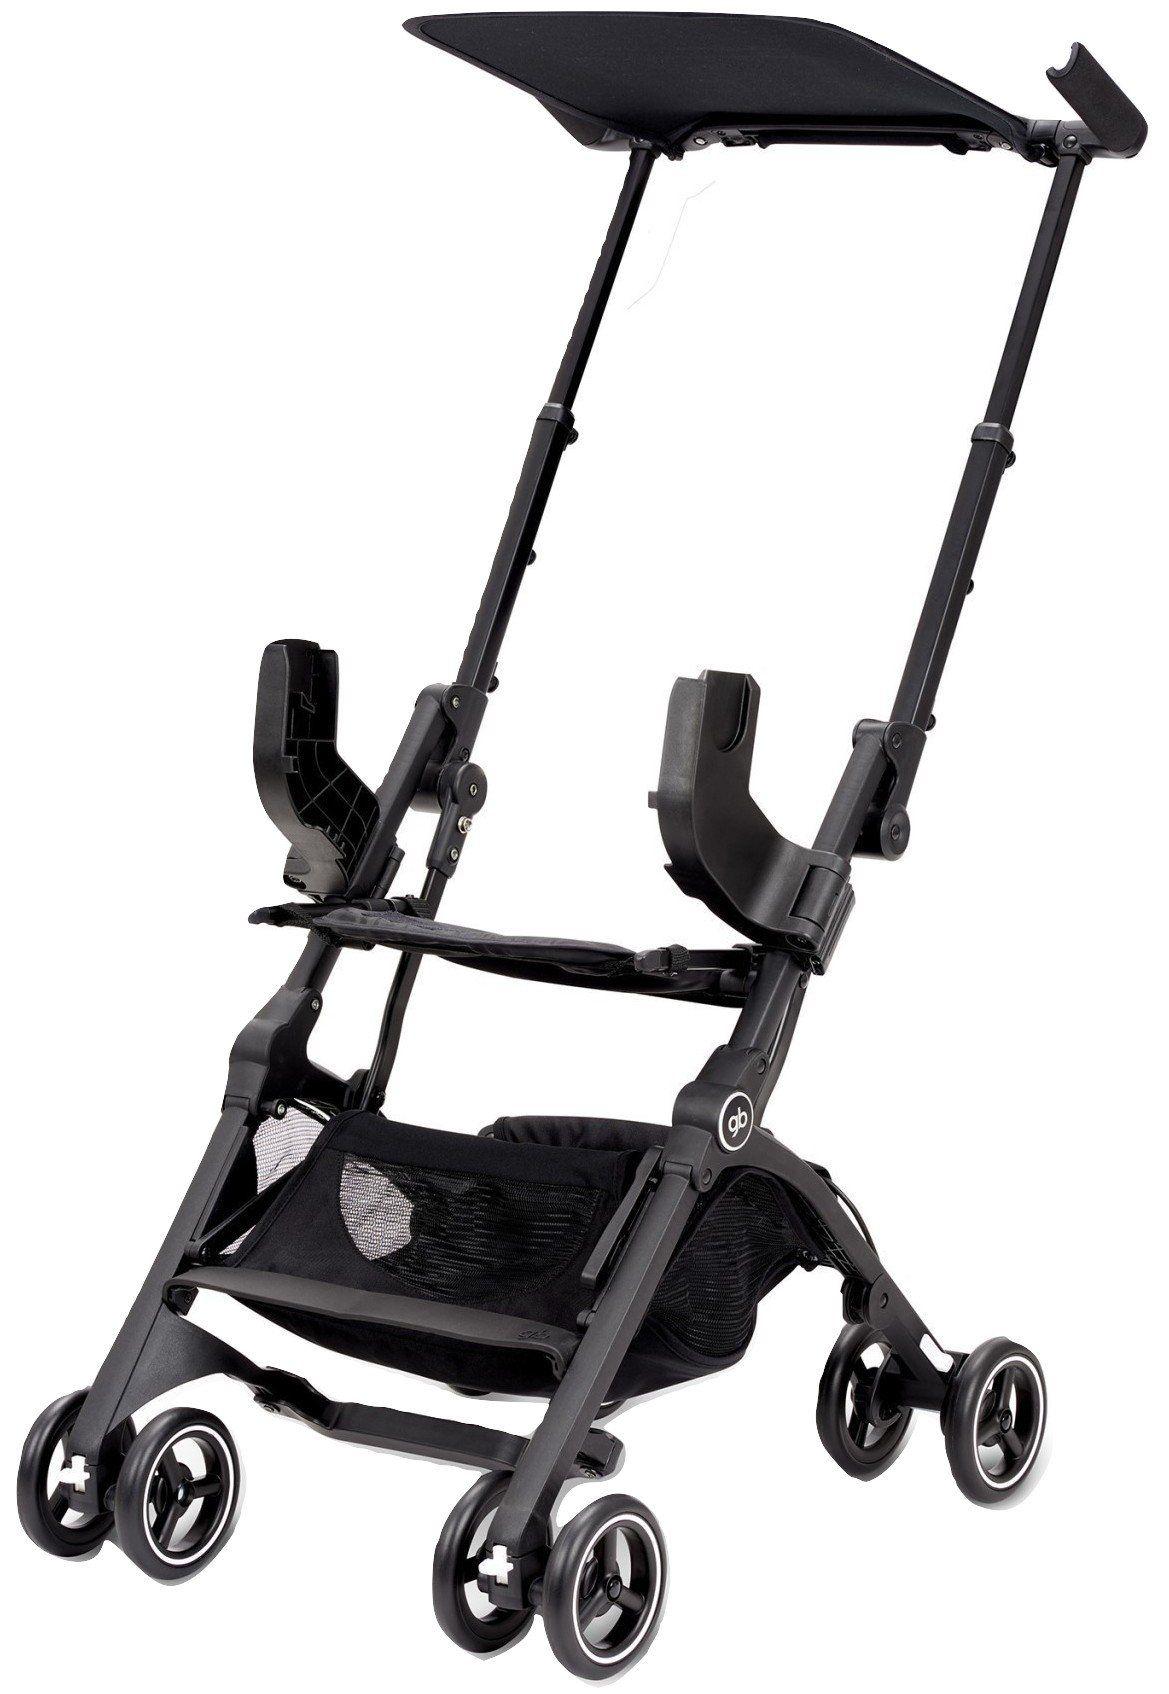 GB Pockit Go (Satin Black) parents baby stroller pram